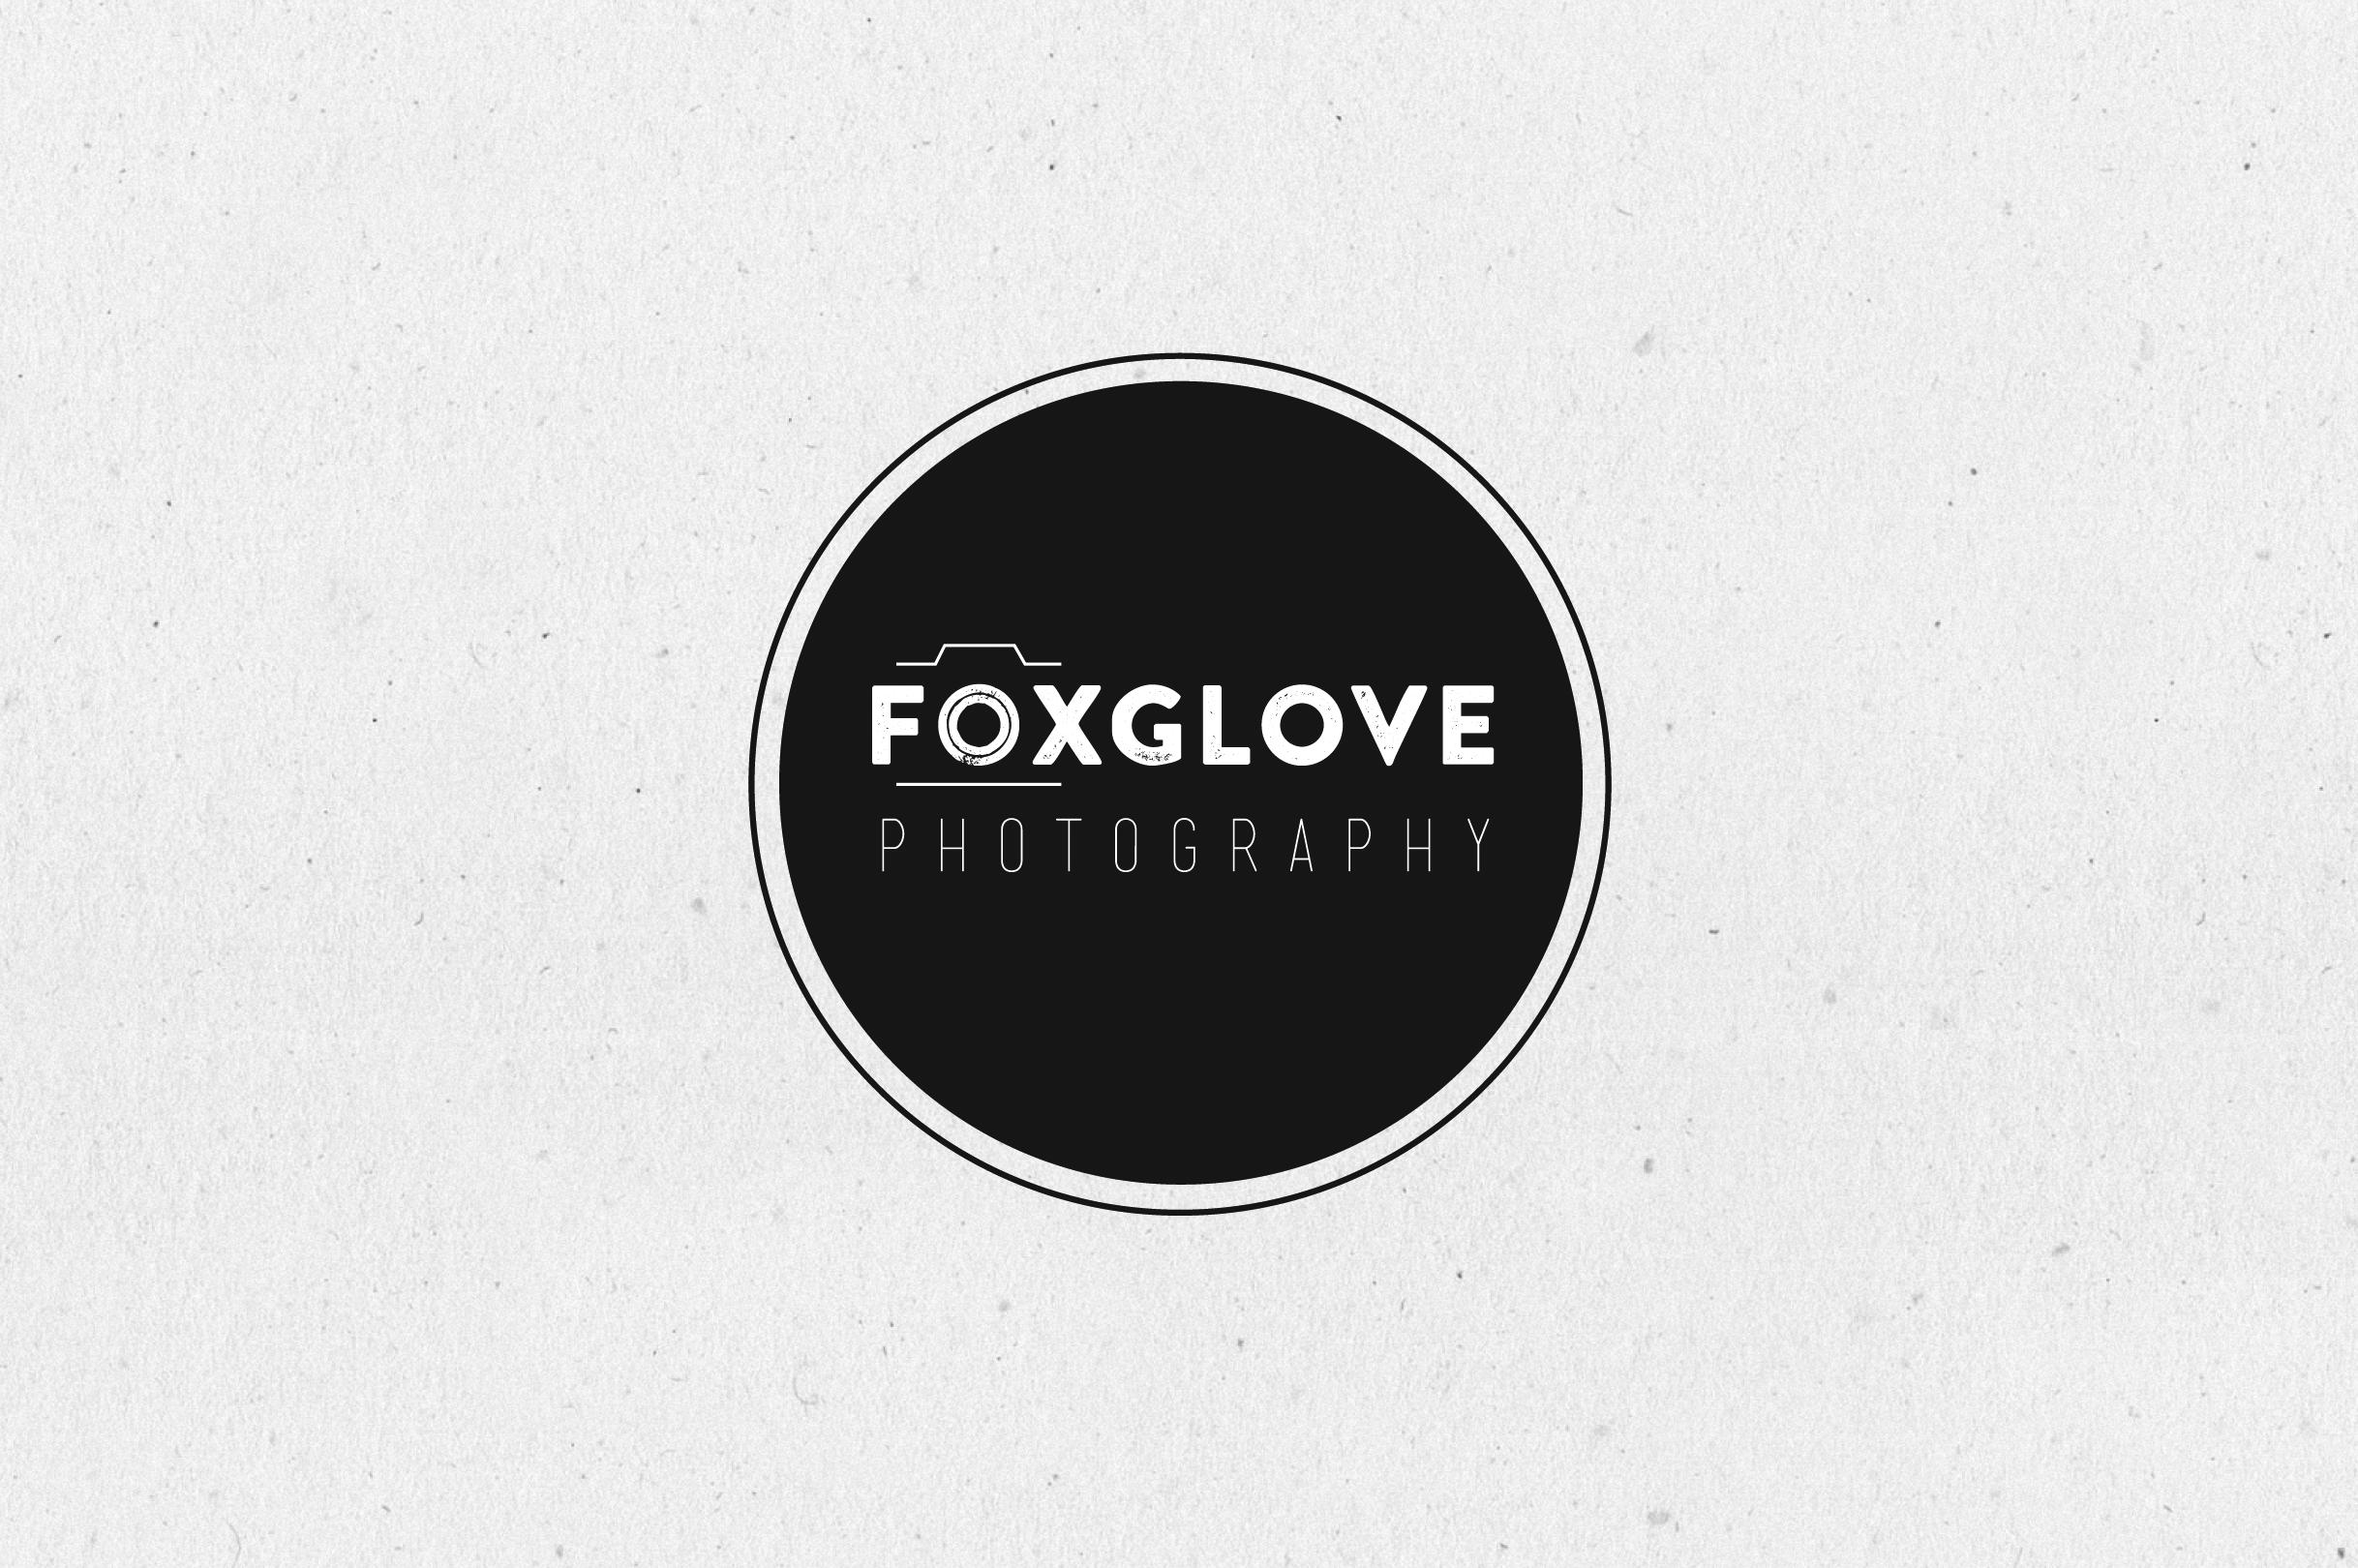 Foxglovephoto.button.png